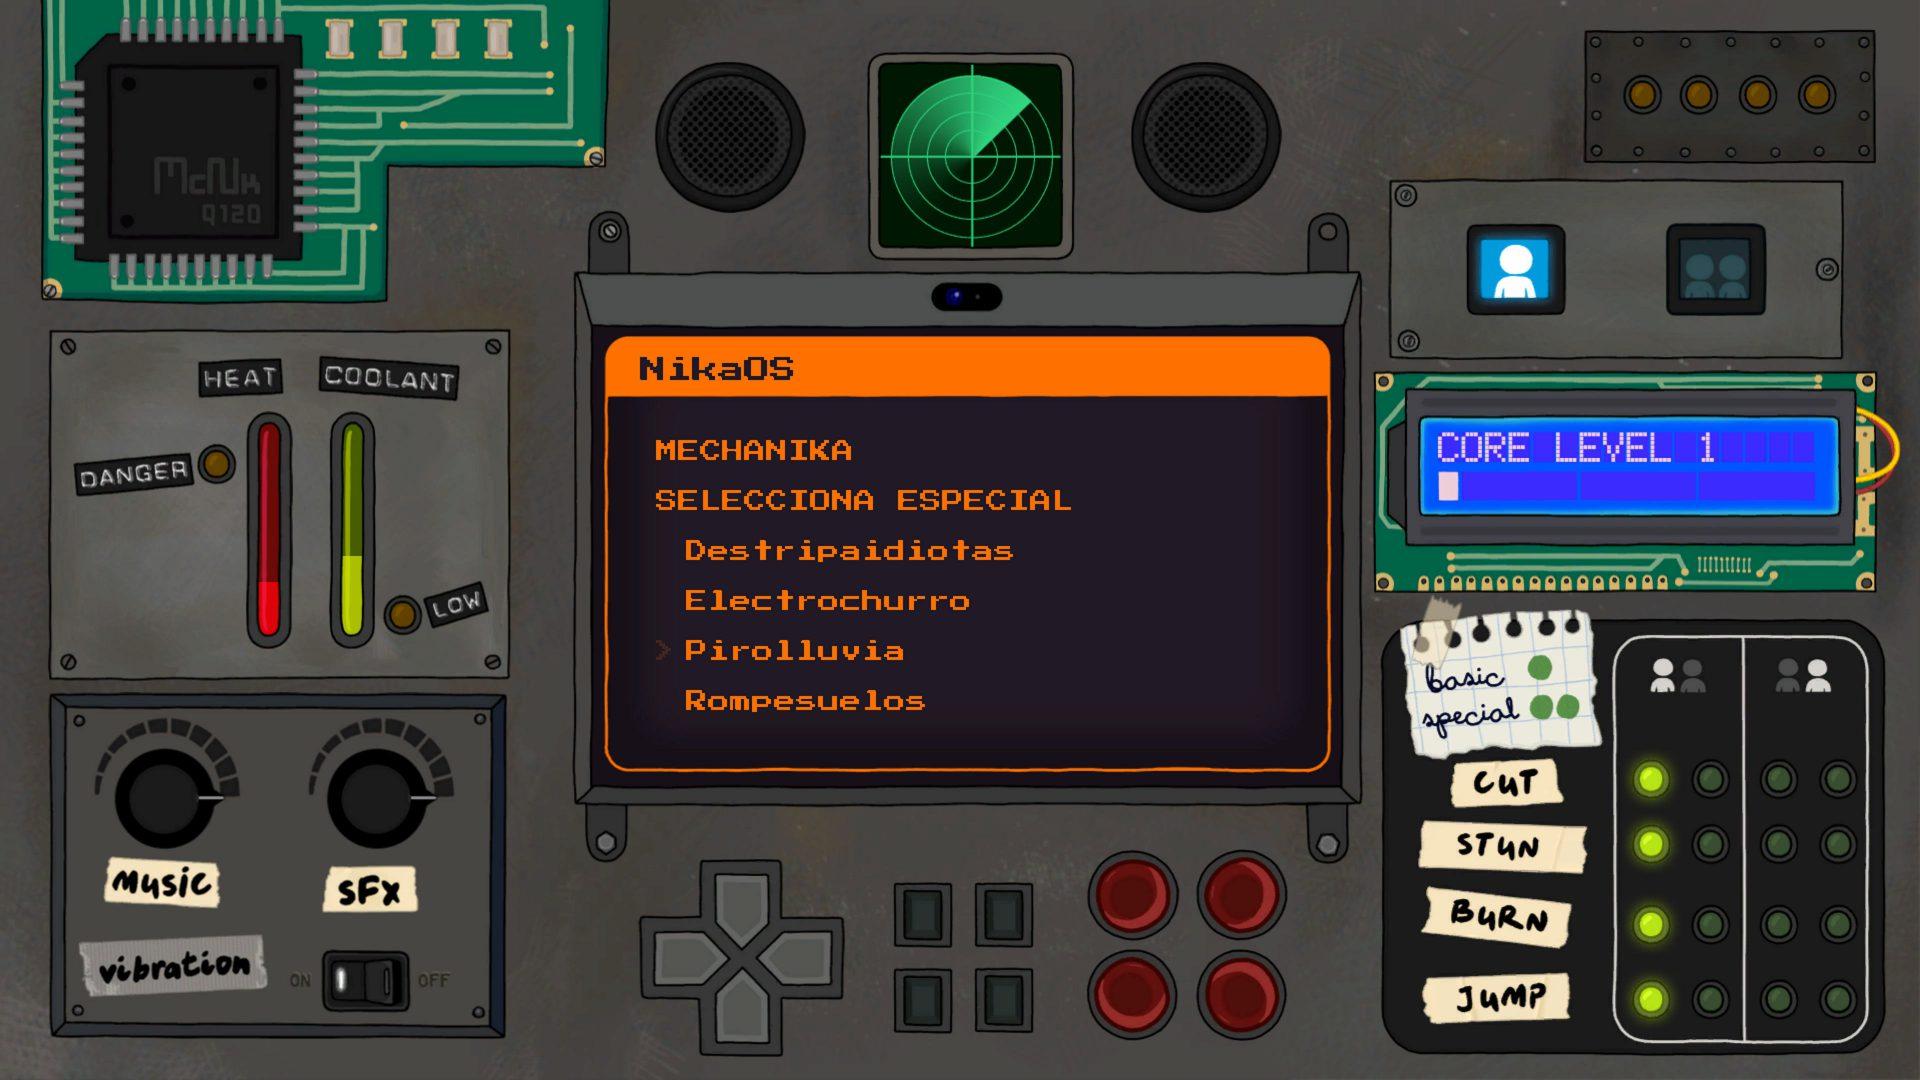 colossus down - generacion xbox